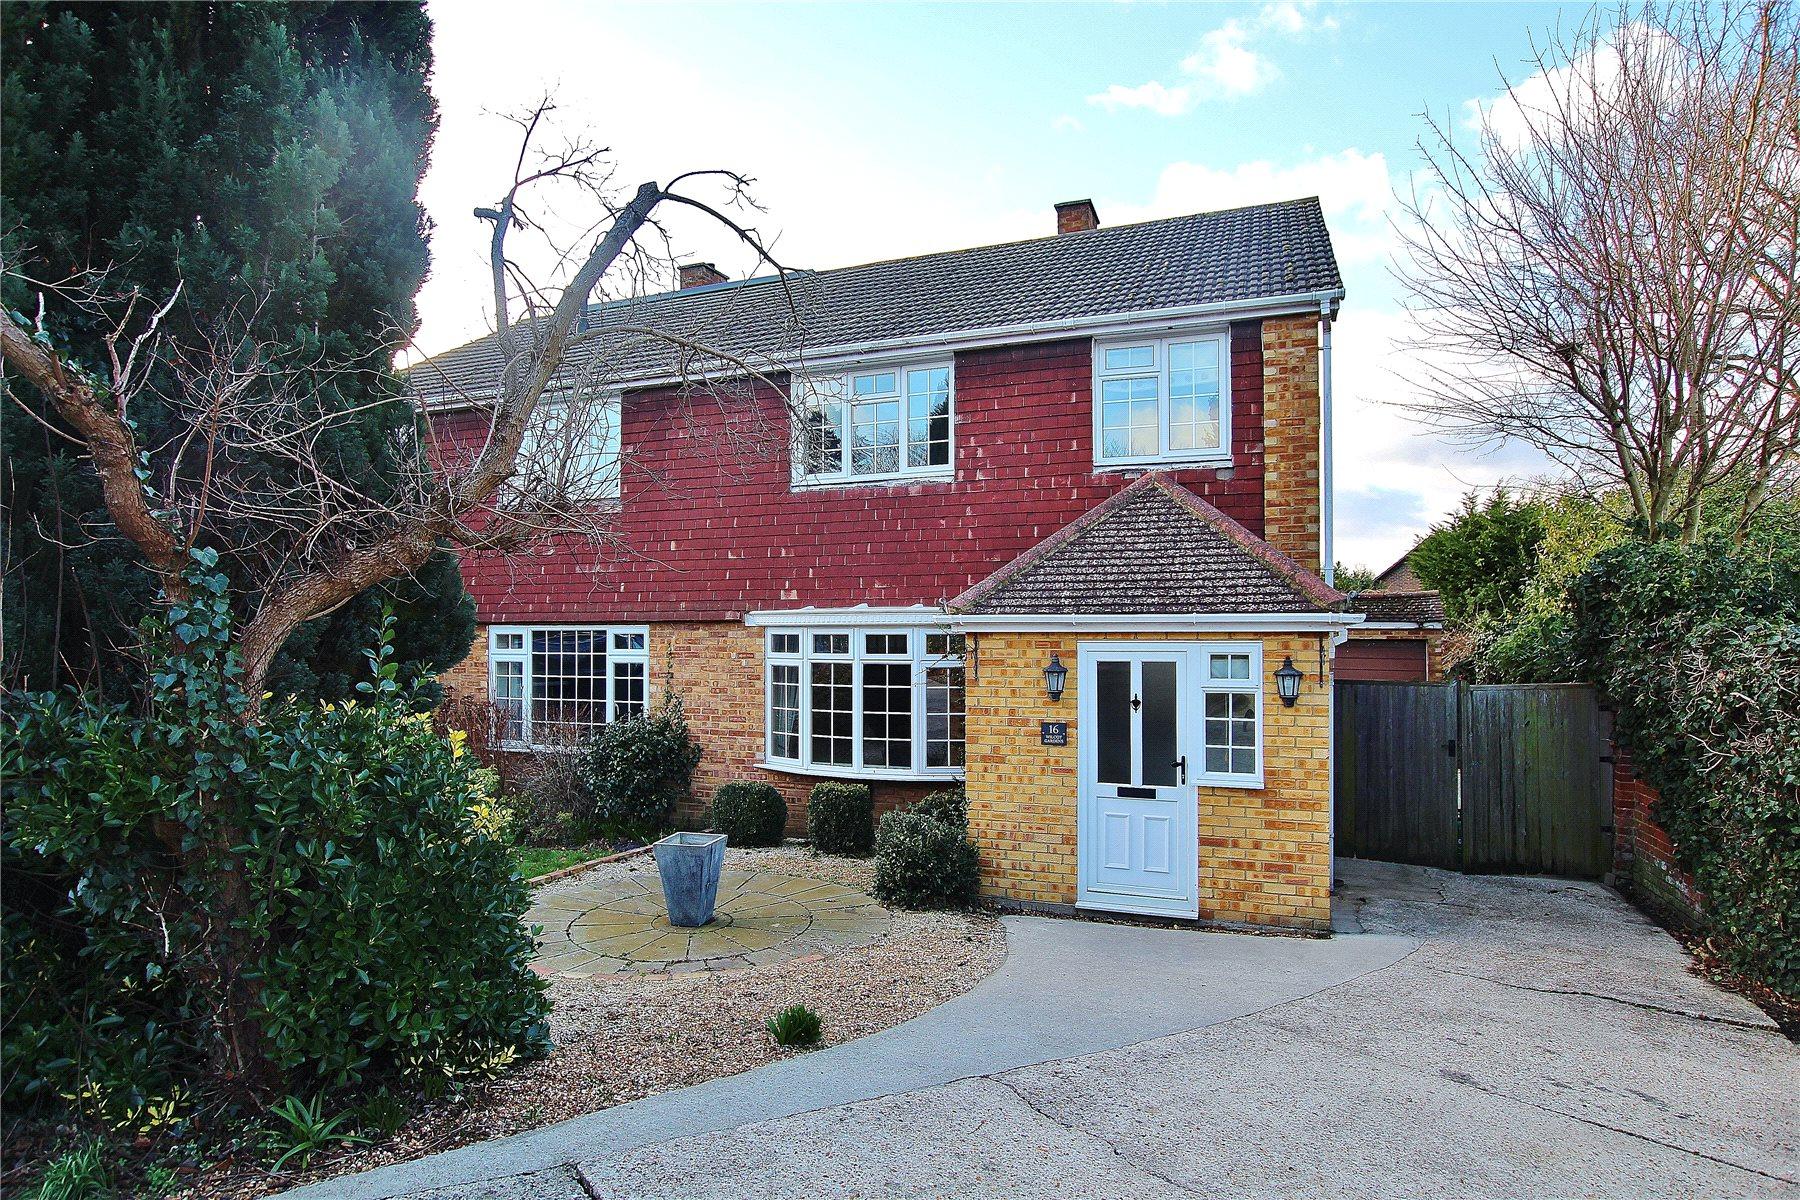 3 Bedrooms Semi Detached House for sale in Wilcot Gardens, Bisley, Woking, Surrey, GU24